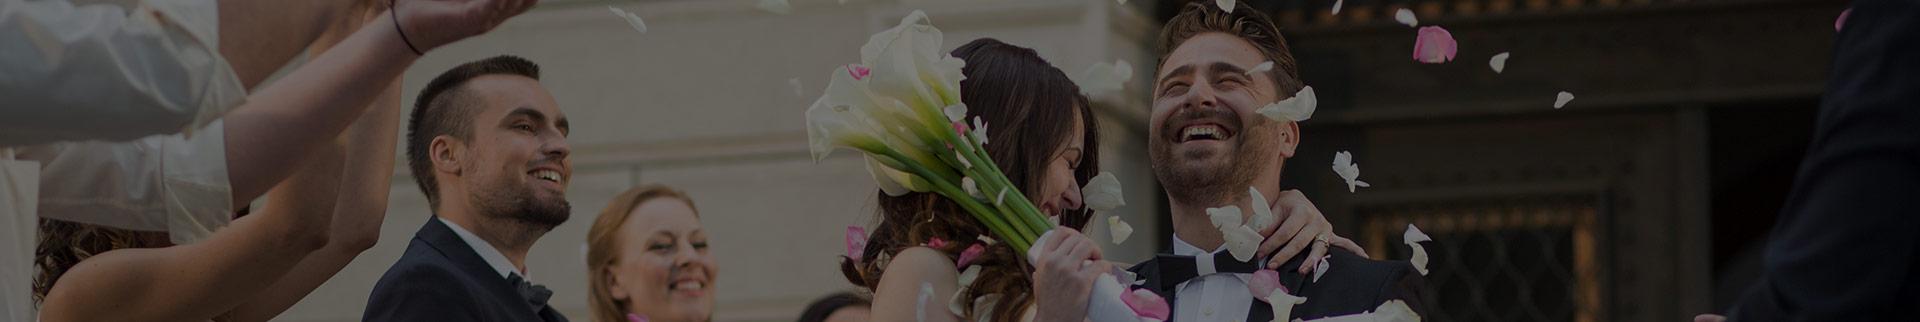 Eure Hochzeit referenzen-header